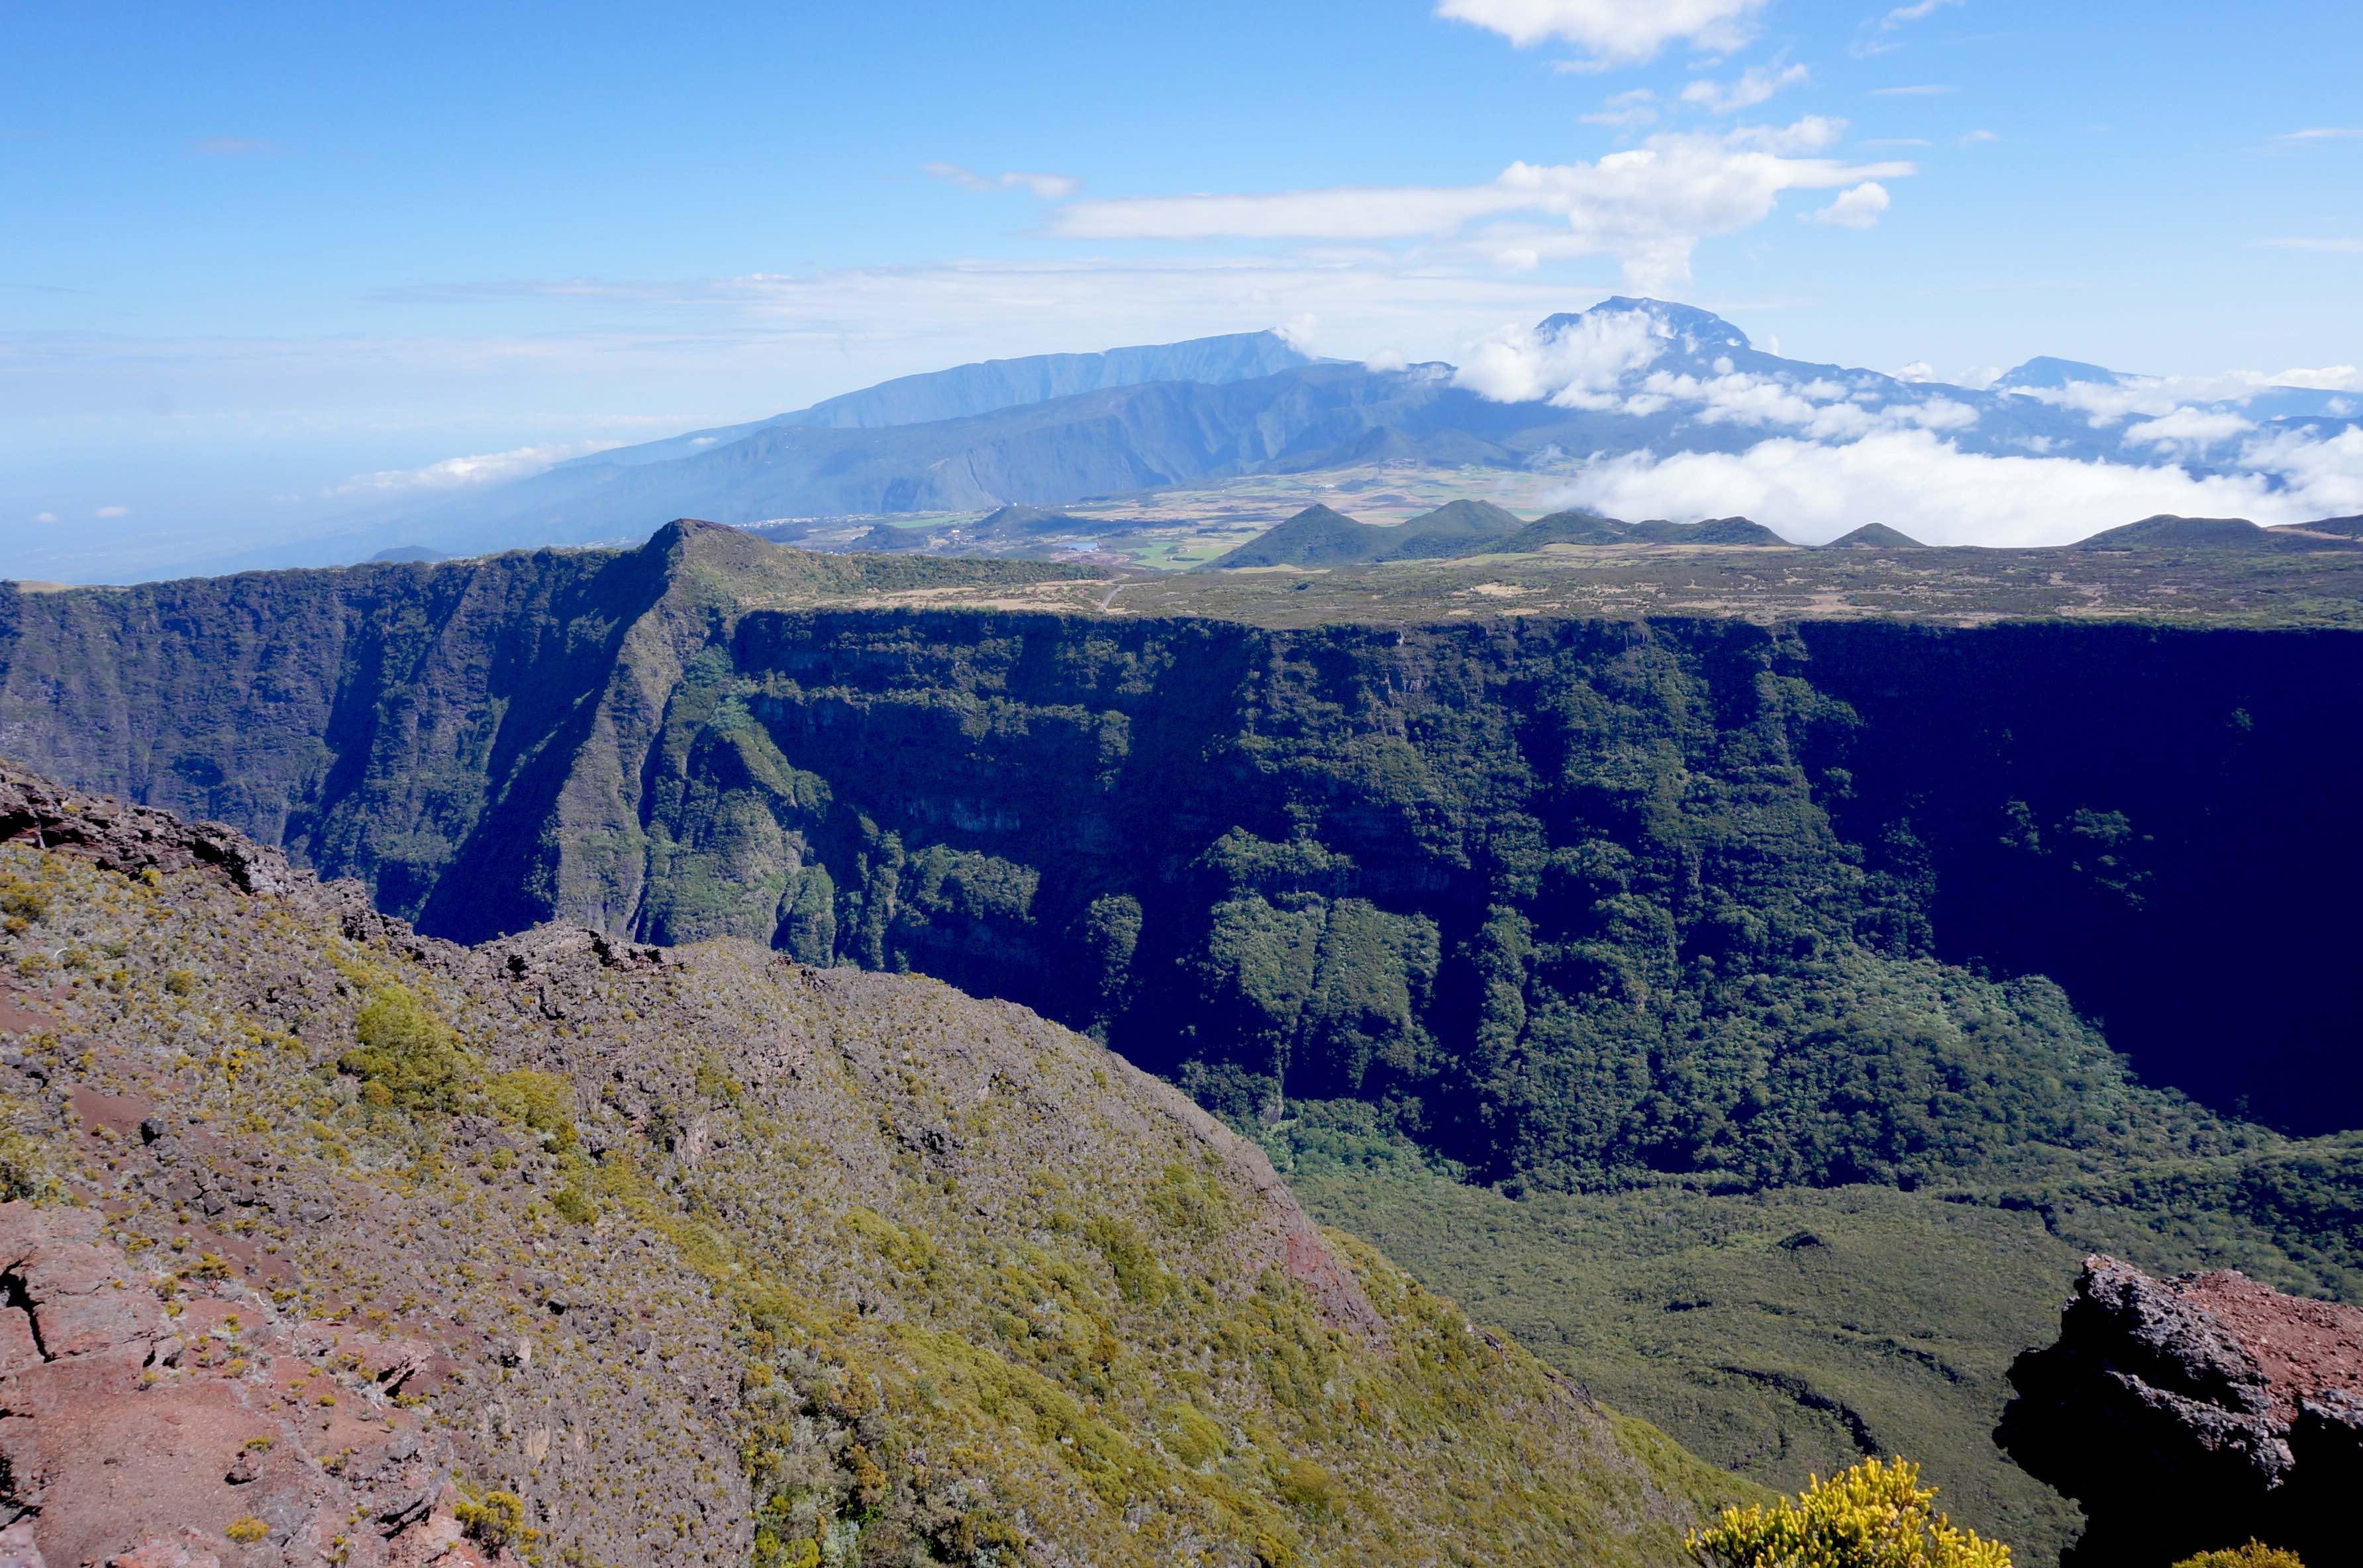 vue du cratere commerson piton de la fournaise réunion